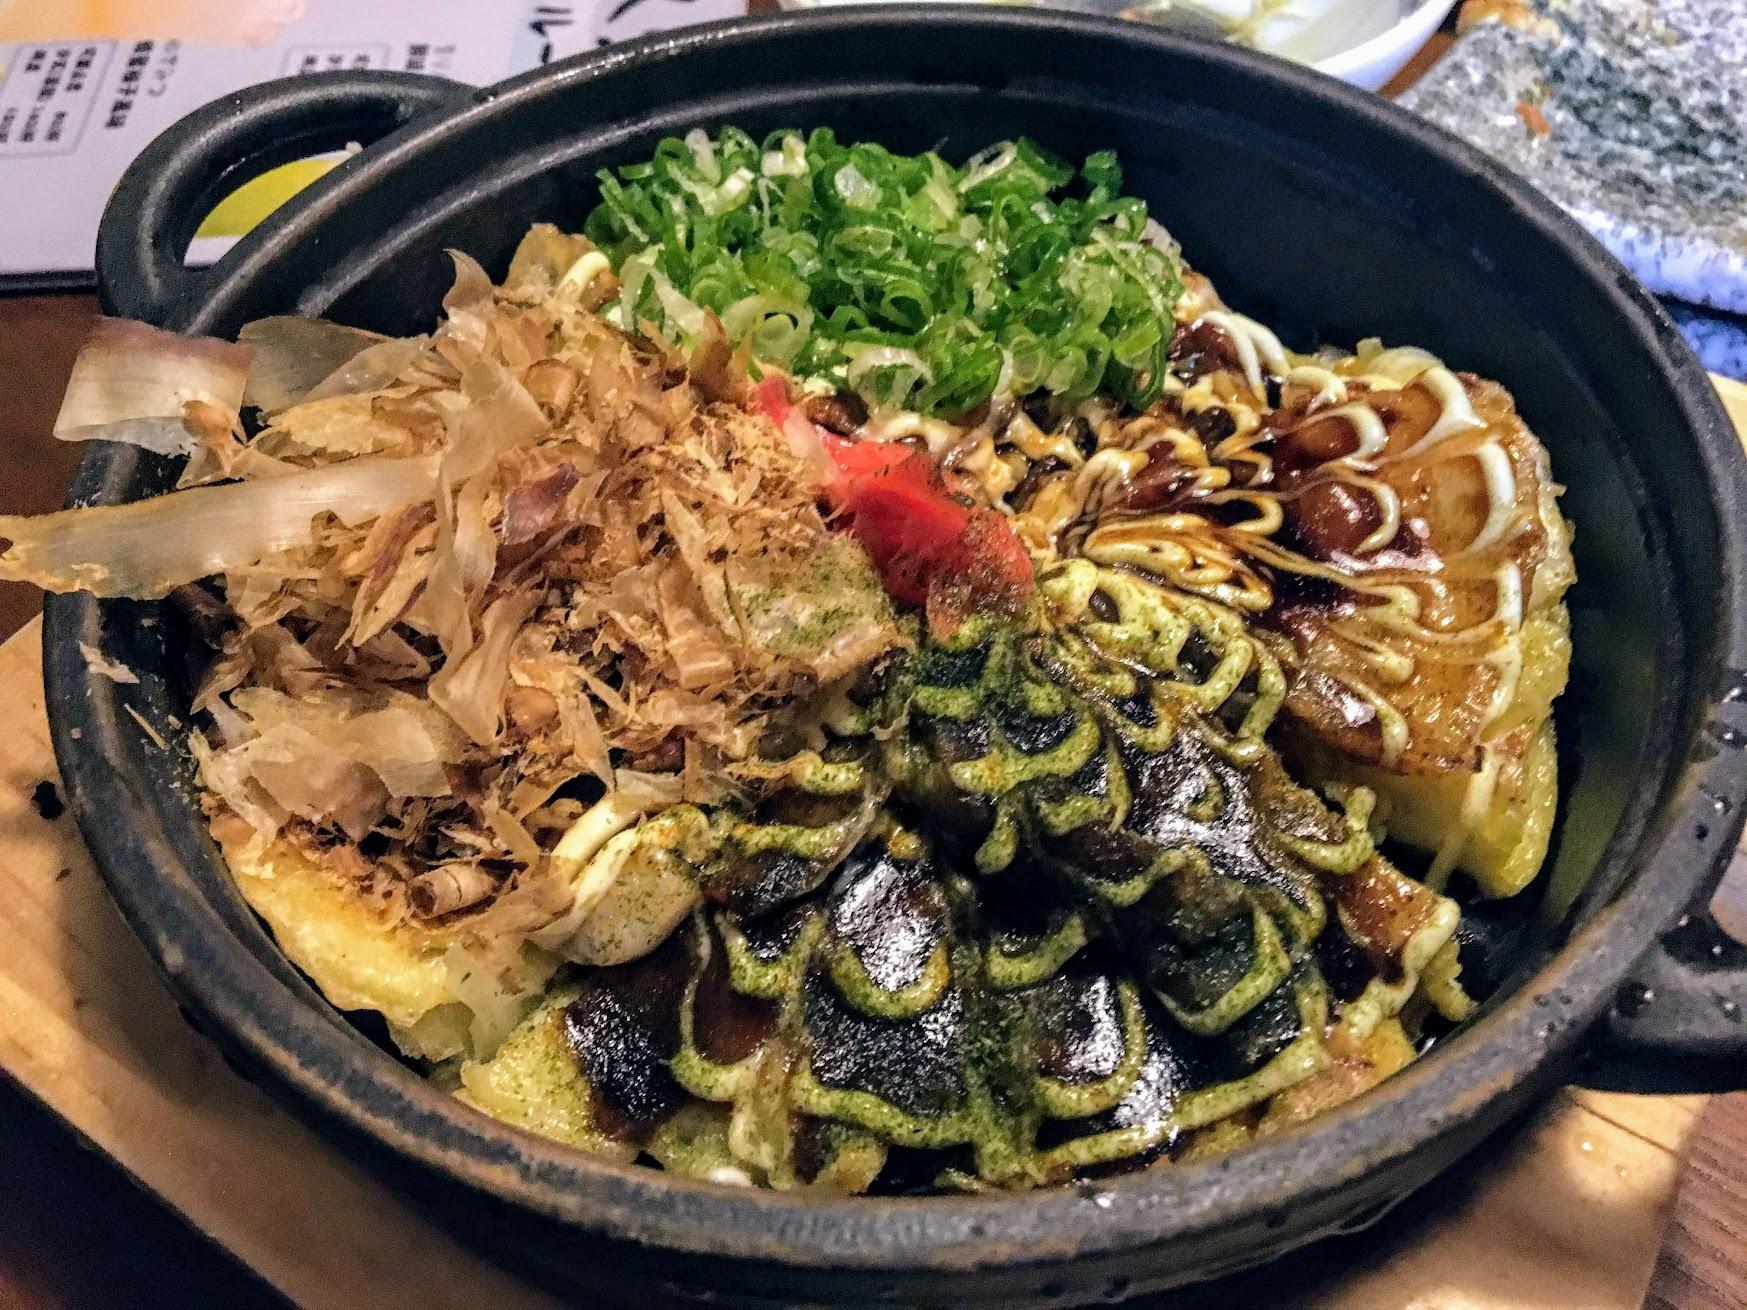 海鮮大阪燒,切成四塊,有四種不同的料在上頭,不同的口感啊